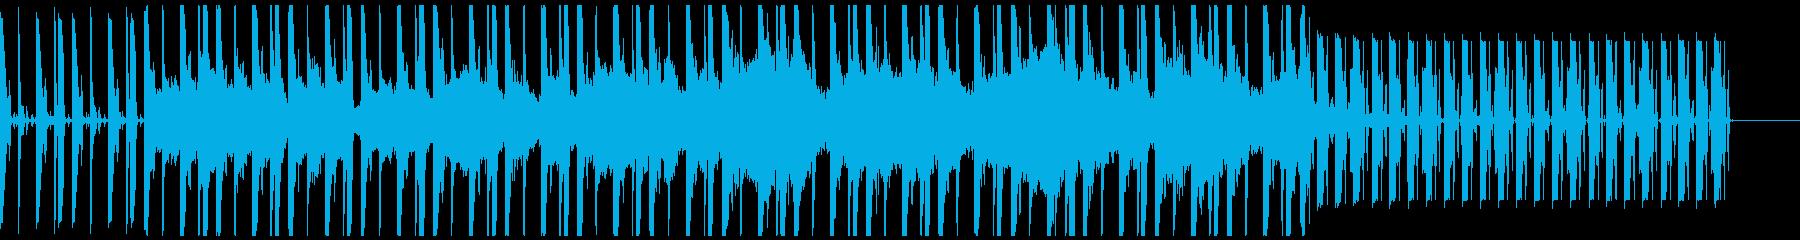 宇宙を喚起させるスペイシーなチルアウトの再生済みの波形